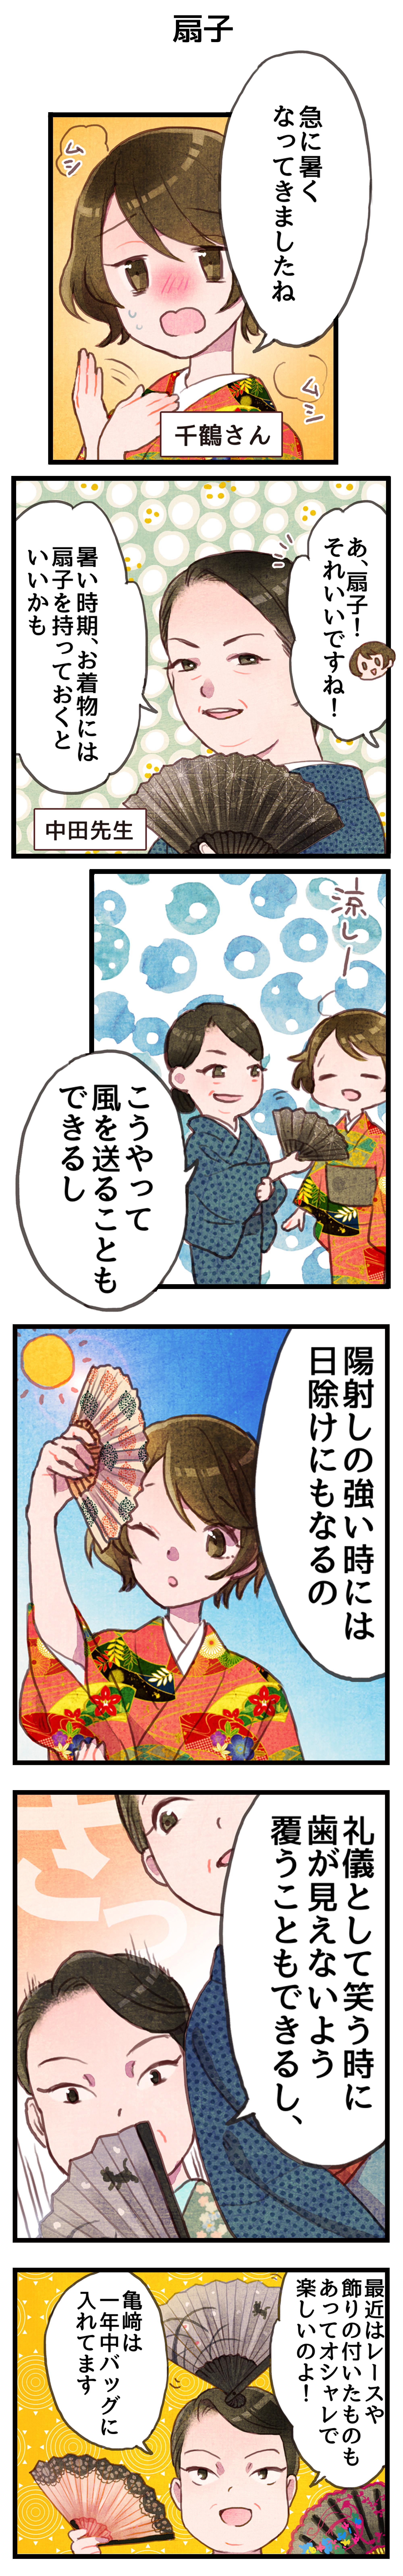 着物に映える扇子の使い方 大阪・兵庫・京都・滋賀・奈良など近畿一円に 日本の伝統と文化を広める「きもの着付け教室」